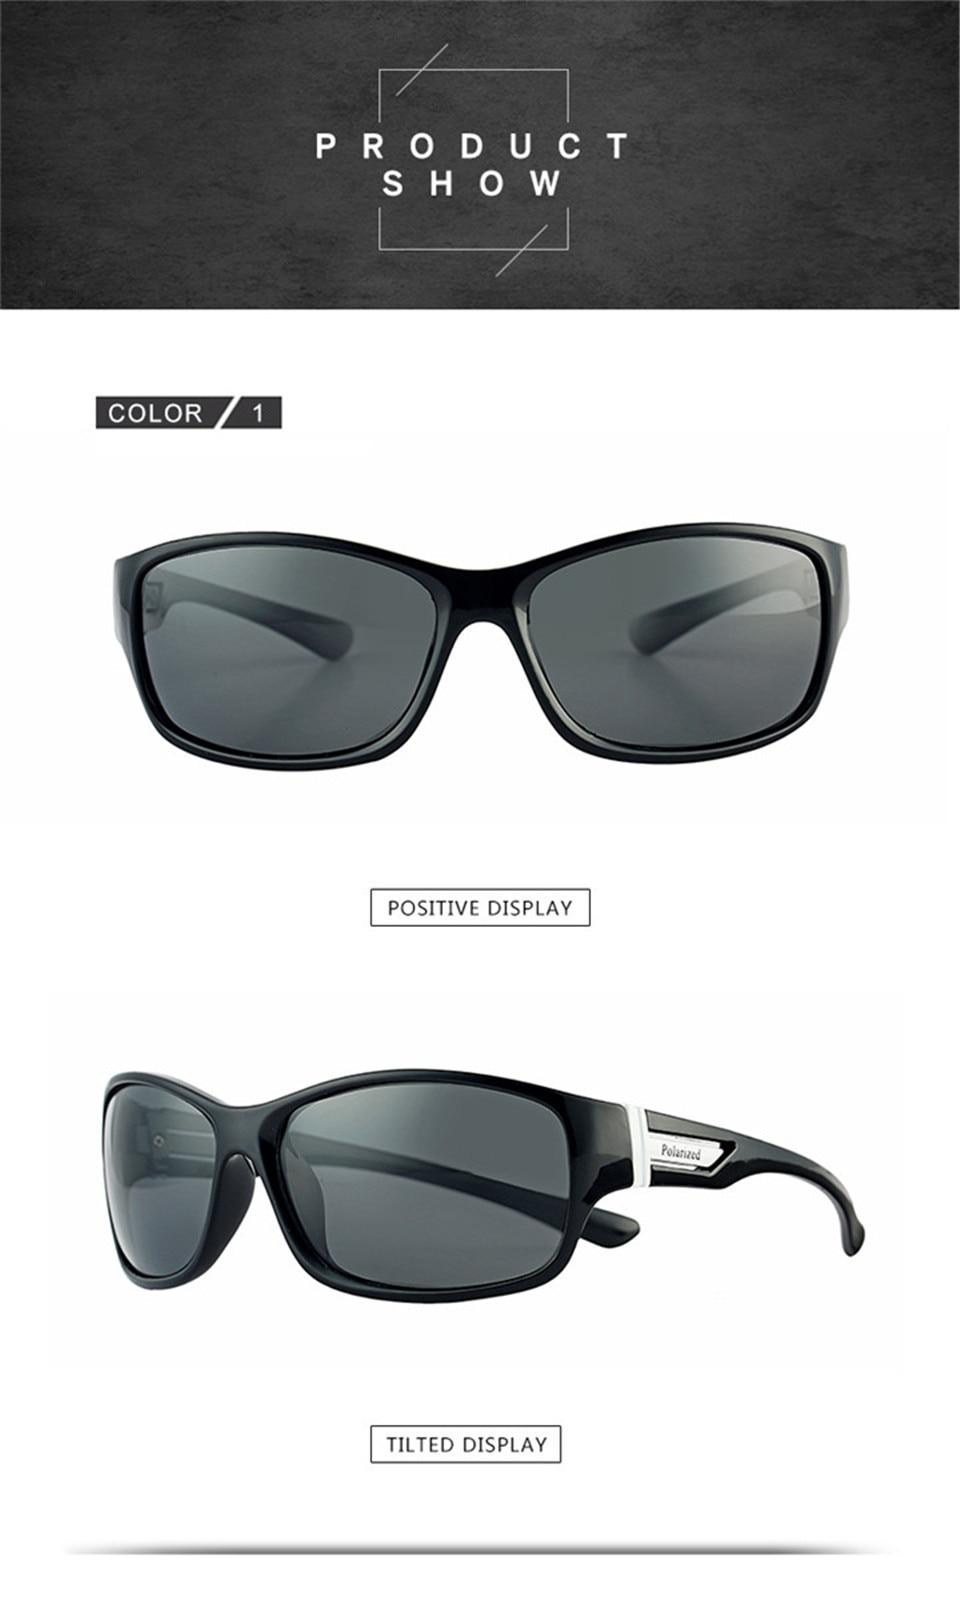 RILIXES 2018 Fashion Guy\'s Sun Glasses From Kdeam Polarized Sunglasses Men Classic Design All-Fit Mirror Sunglass (7)